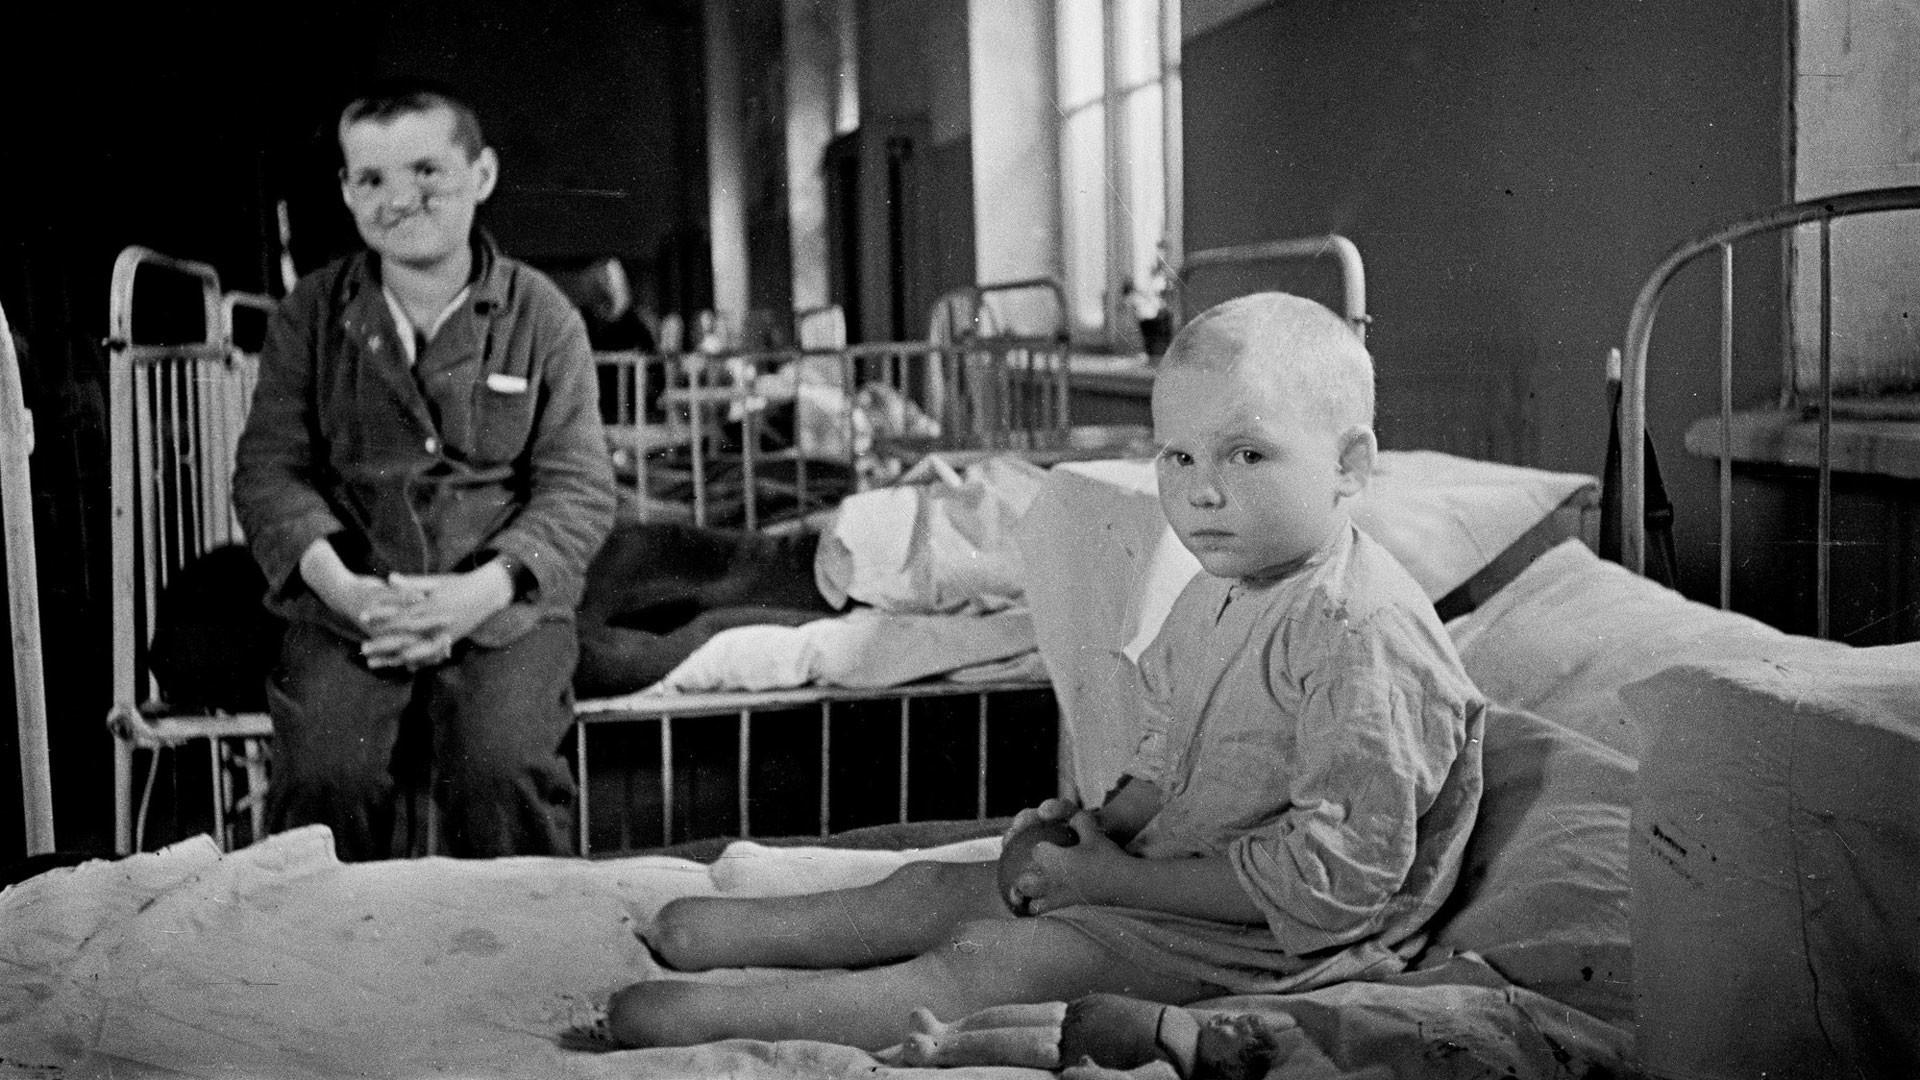 Воспитанники детского дома для сирот-инвалидов в тылу в СССР. Фото: © Военный альбом/Семен Фридлянд